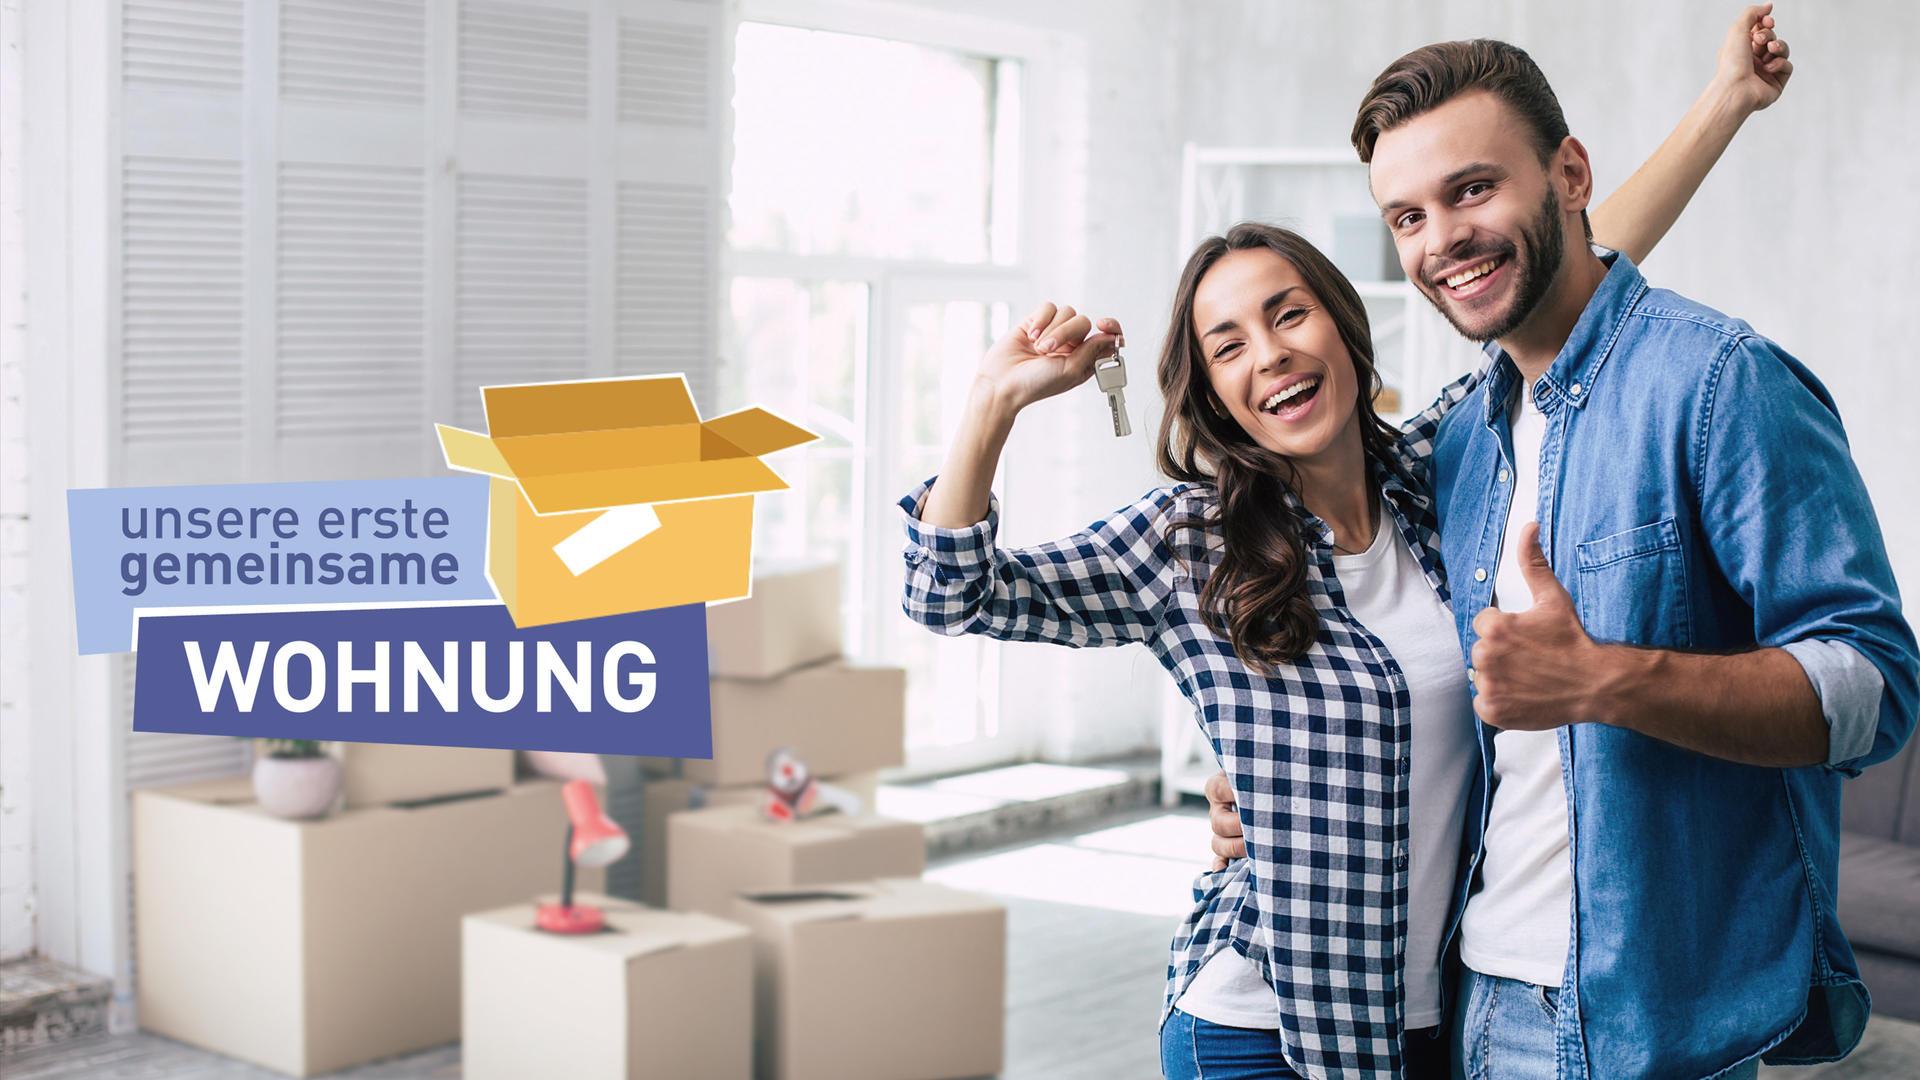 Folge 368 vom 5.10.2012 | Unsere erste gemeinsame Wohnung ...